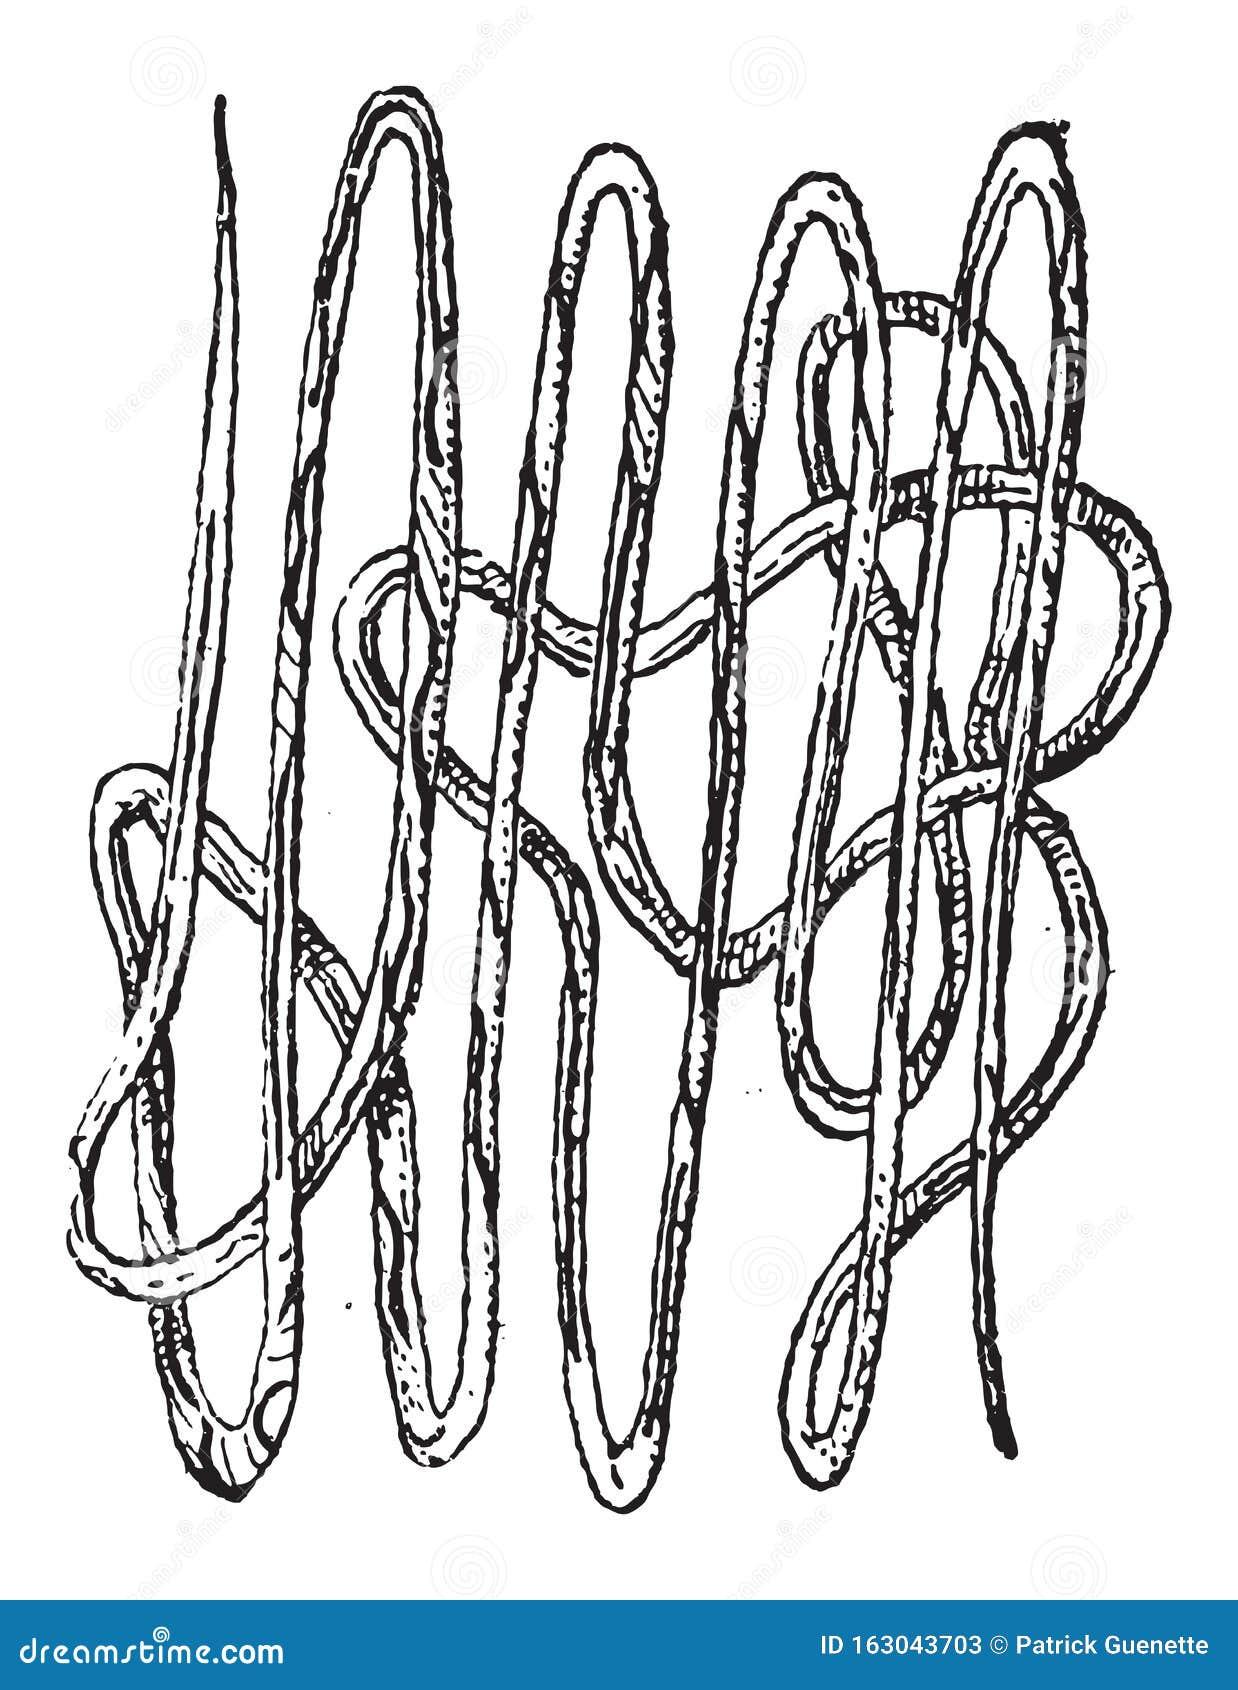 Nematodele sunt paraziți la om Nematod platyhelminthes și annelida. Platelminți